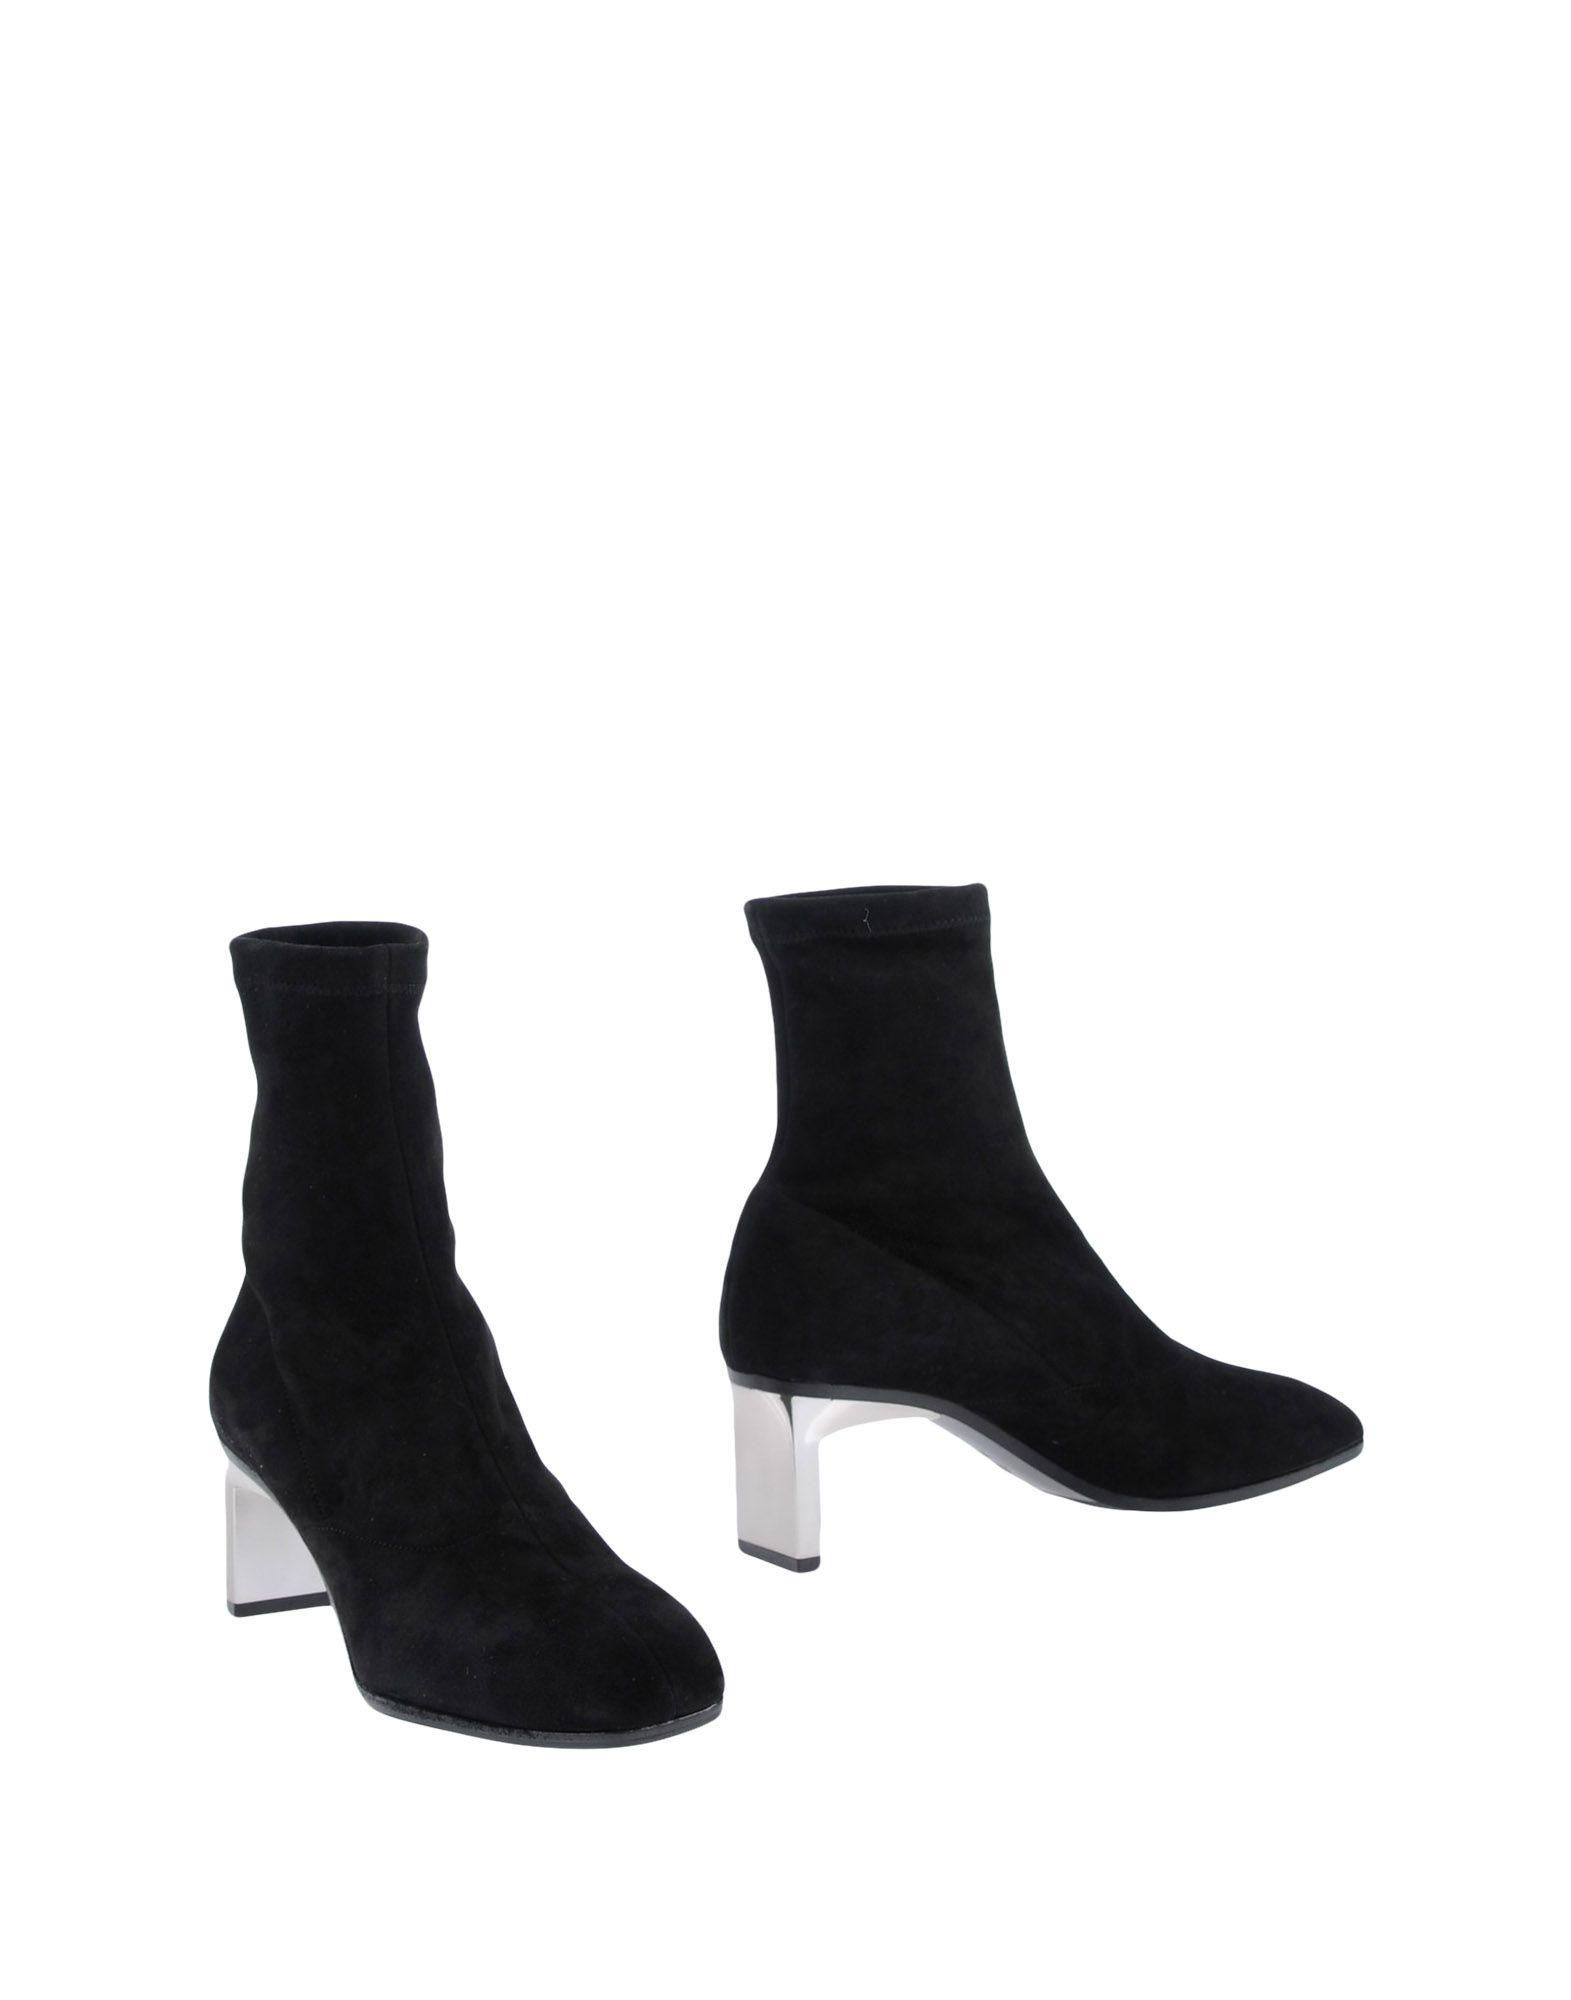 Rabatt Schuhe 3.1 Phillip Lim Stiefelette Damen  11463244DS